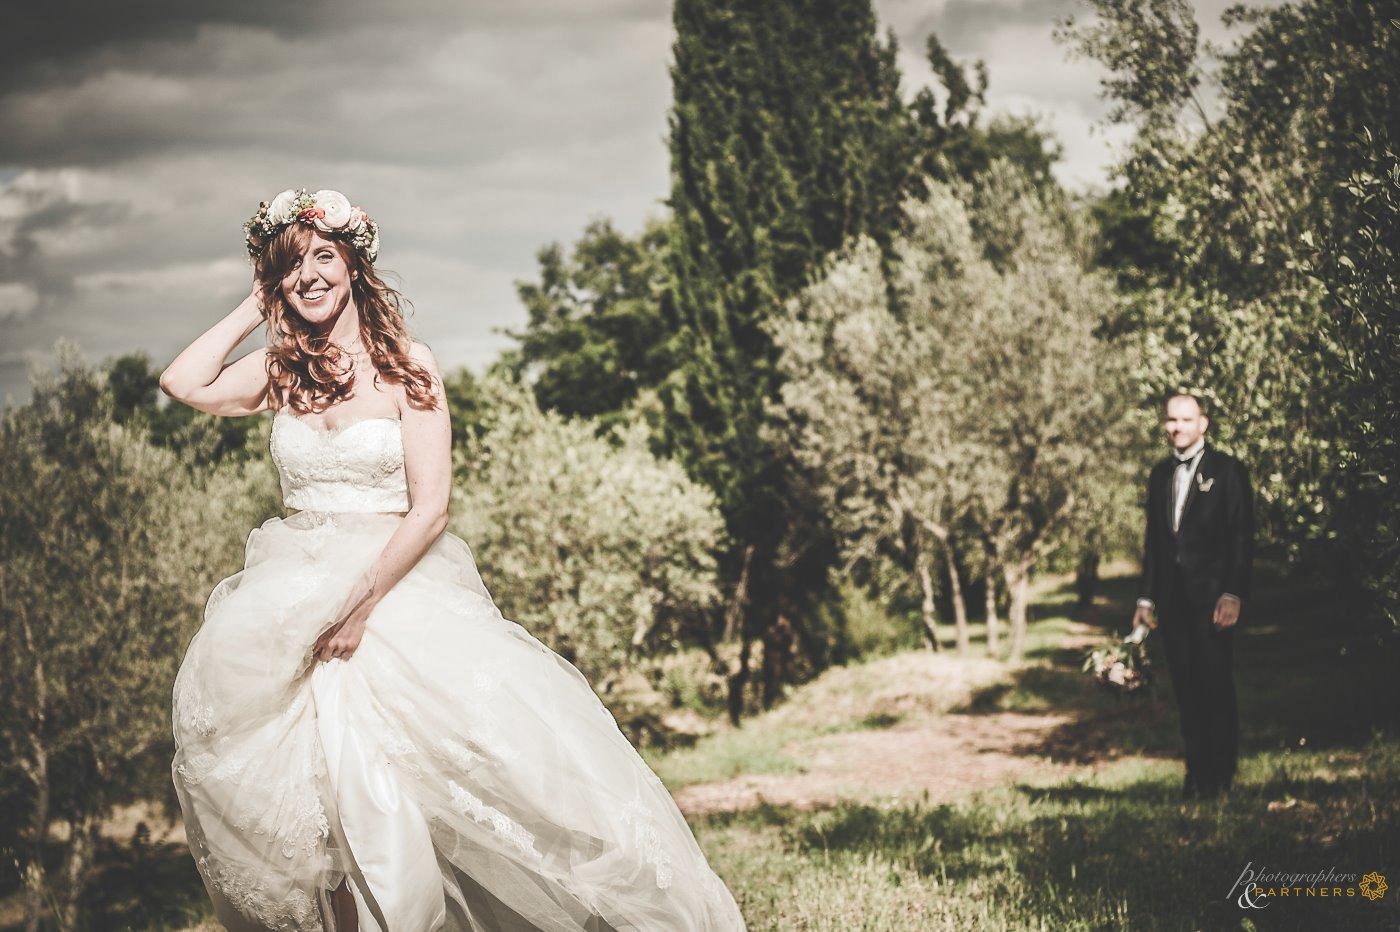 wedding_photos_camprena_16.jpg